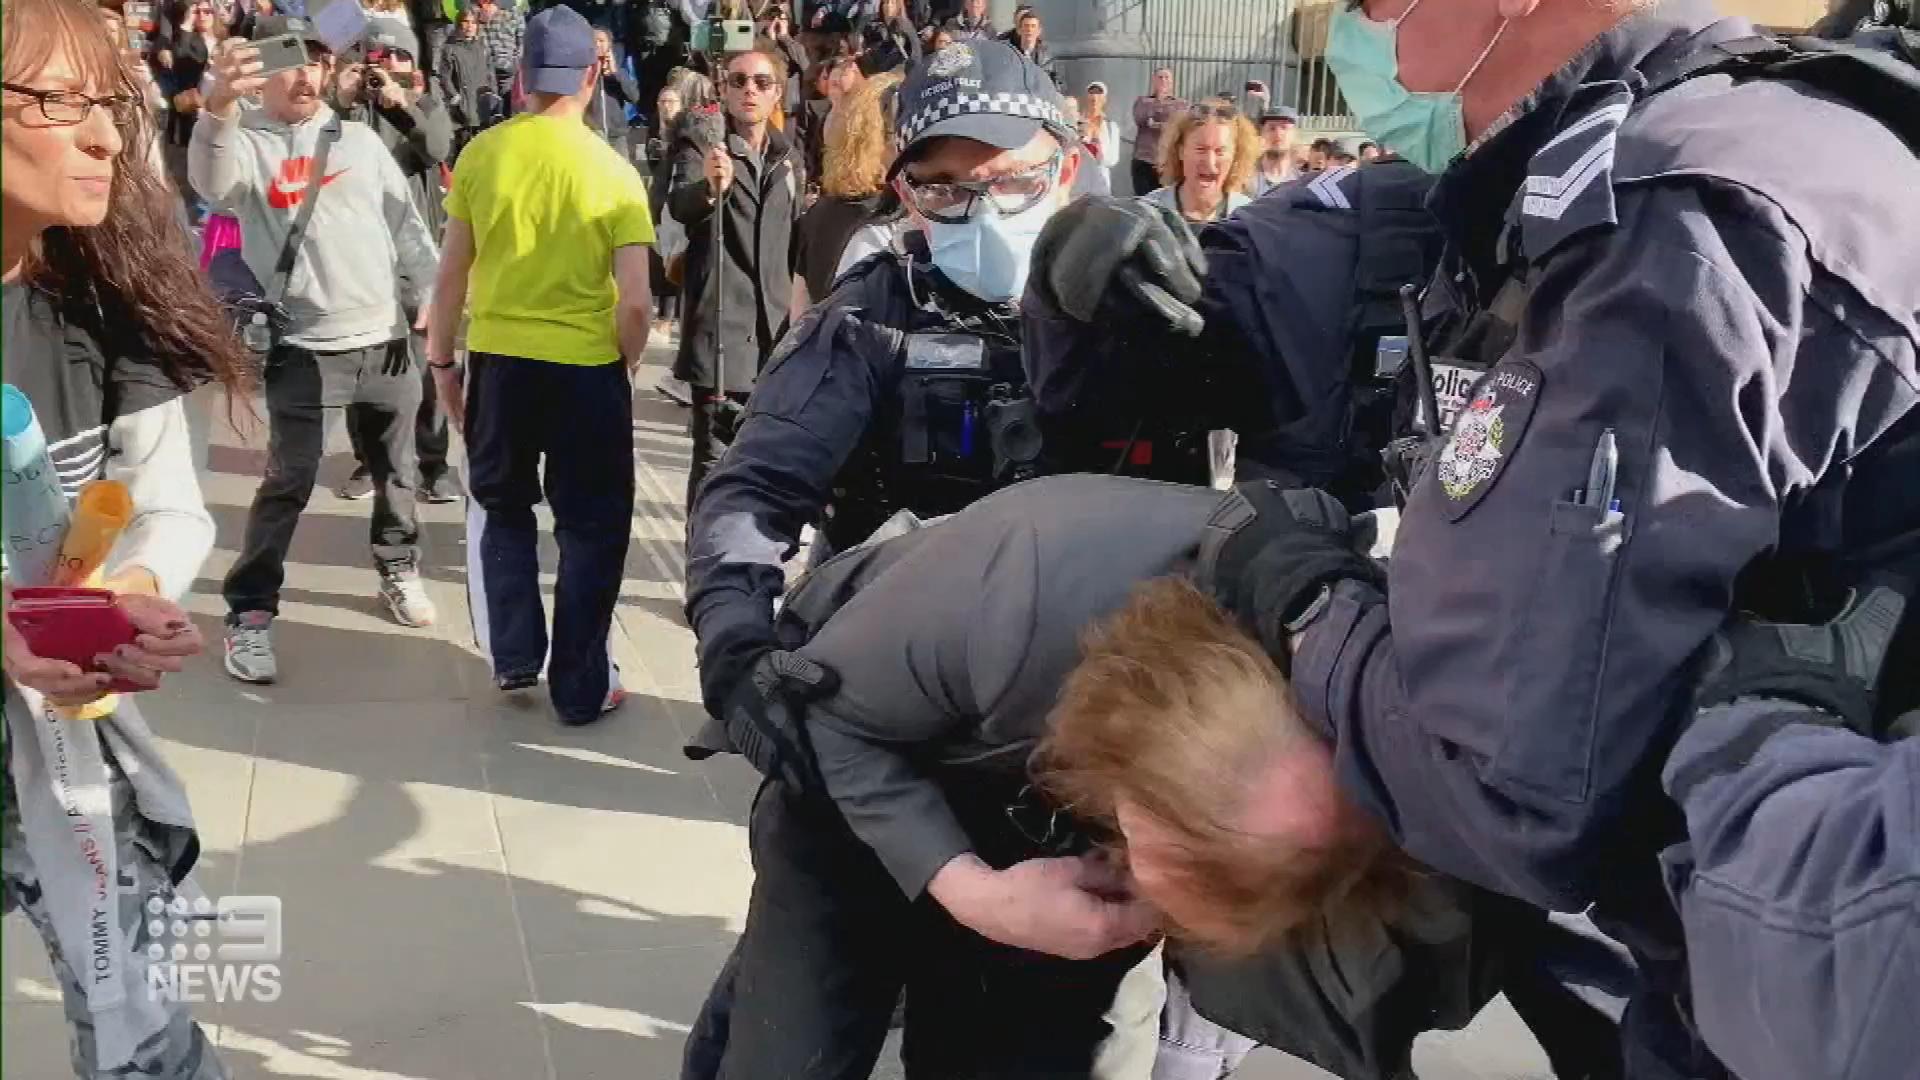 Anti-lockdown protests in Melbourne